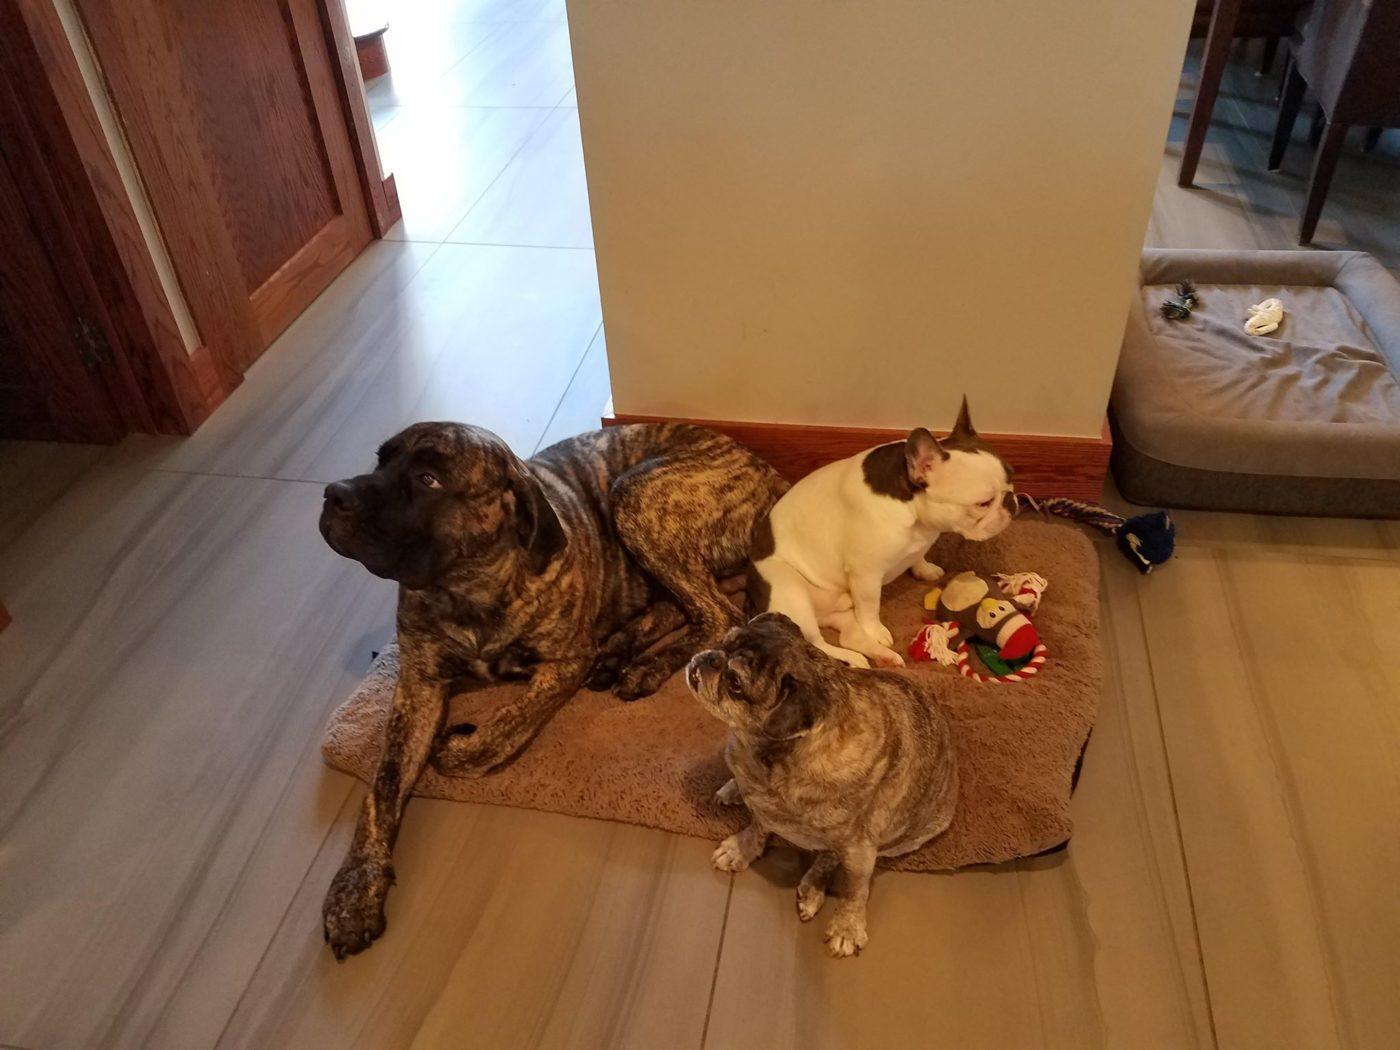 #mastiffdogtraining #pugdogtraining, #dogsofbarkbusters